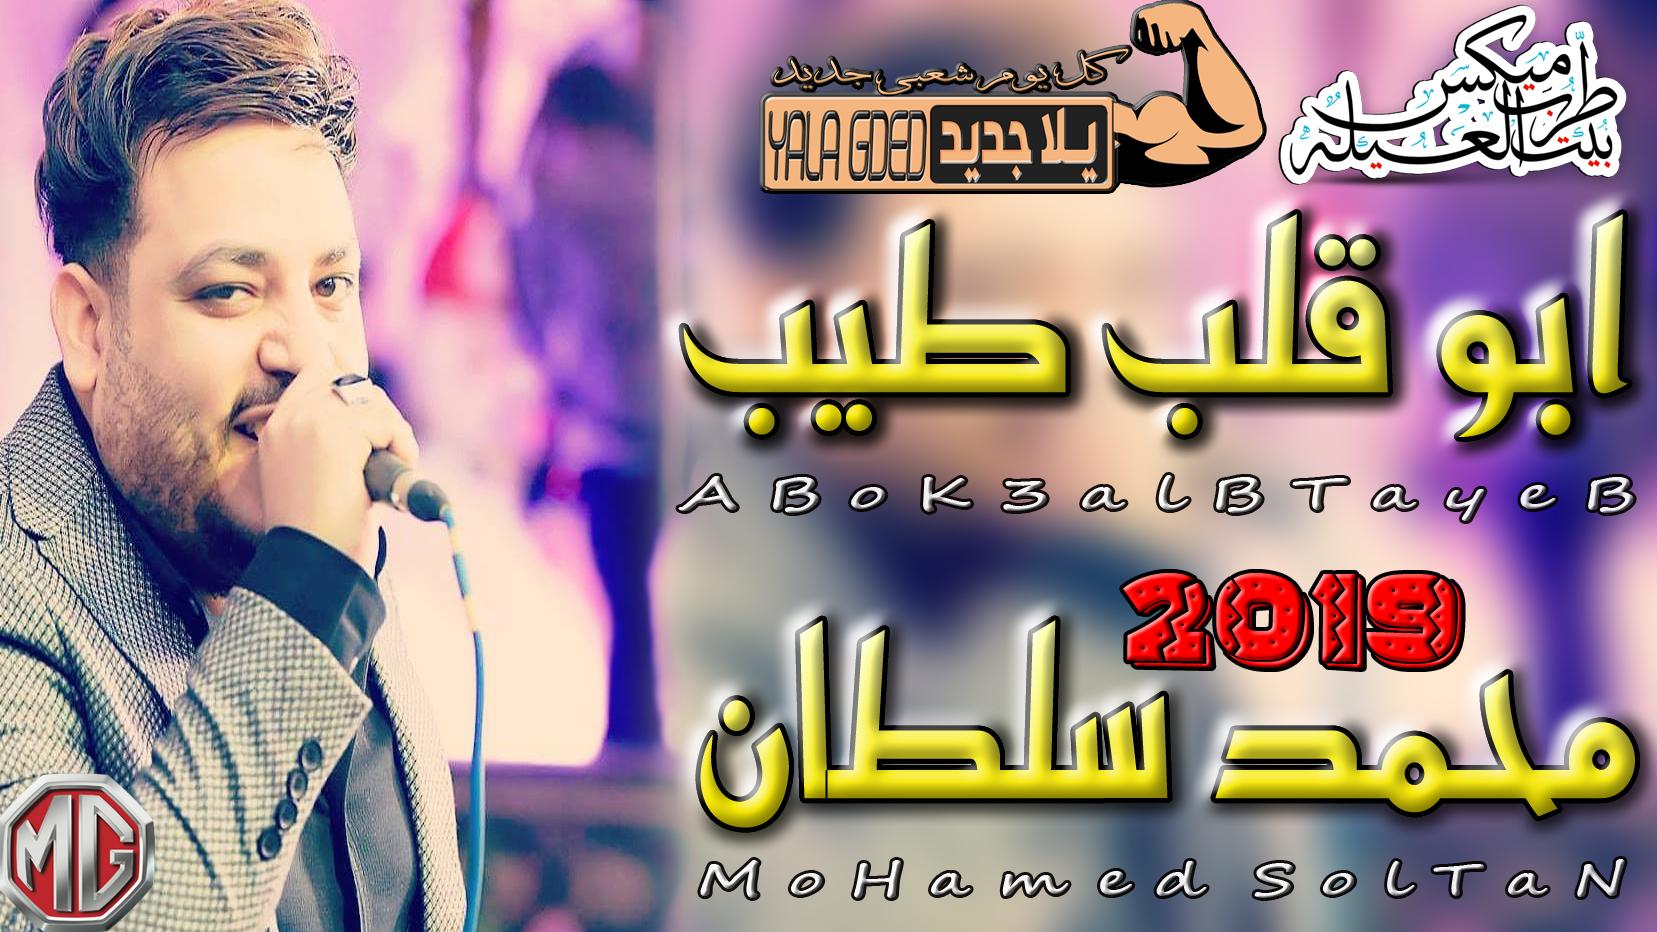 ابو قلب طيب | محمد سلطان مطرب جامد اوى | شوف بنفسك الاغنية جديد وحصرى 2019